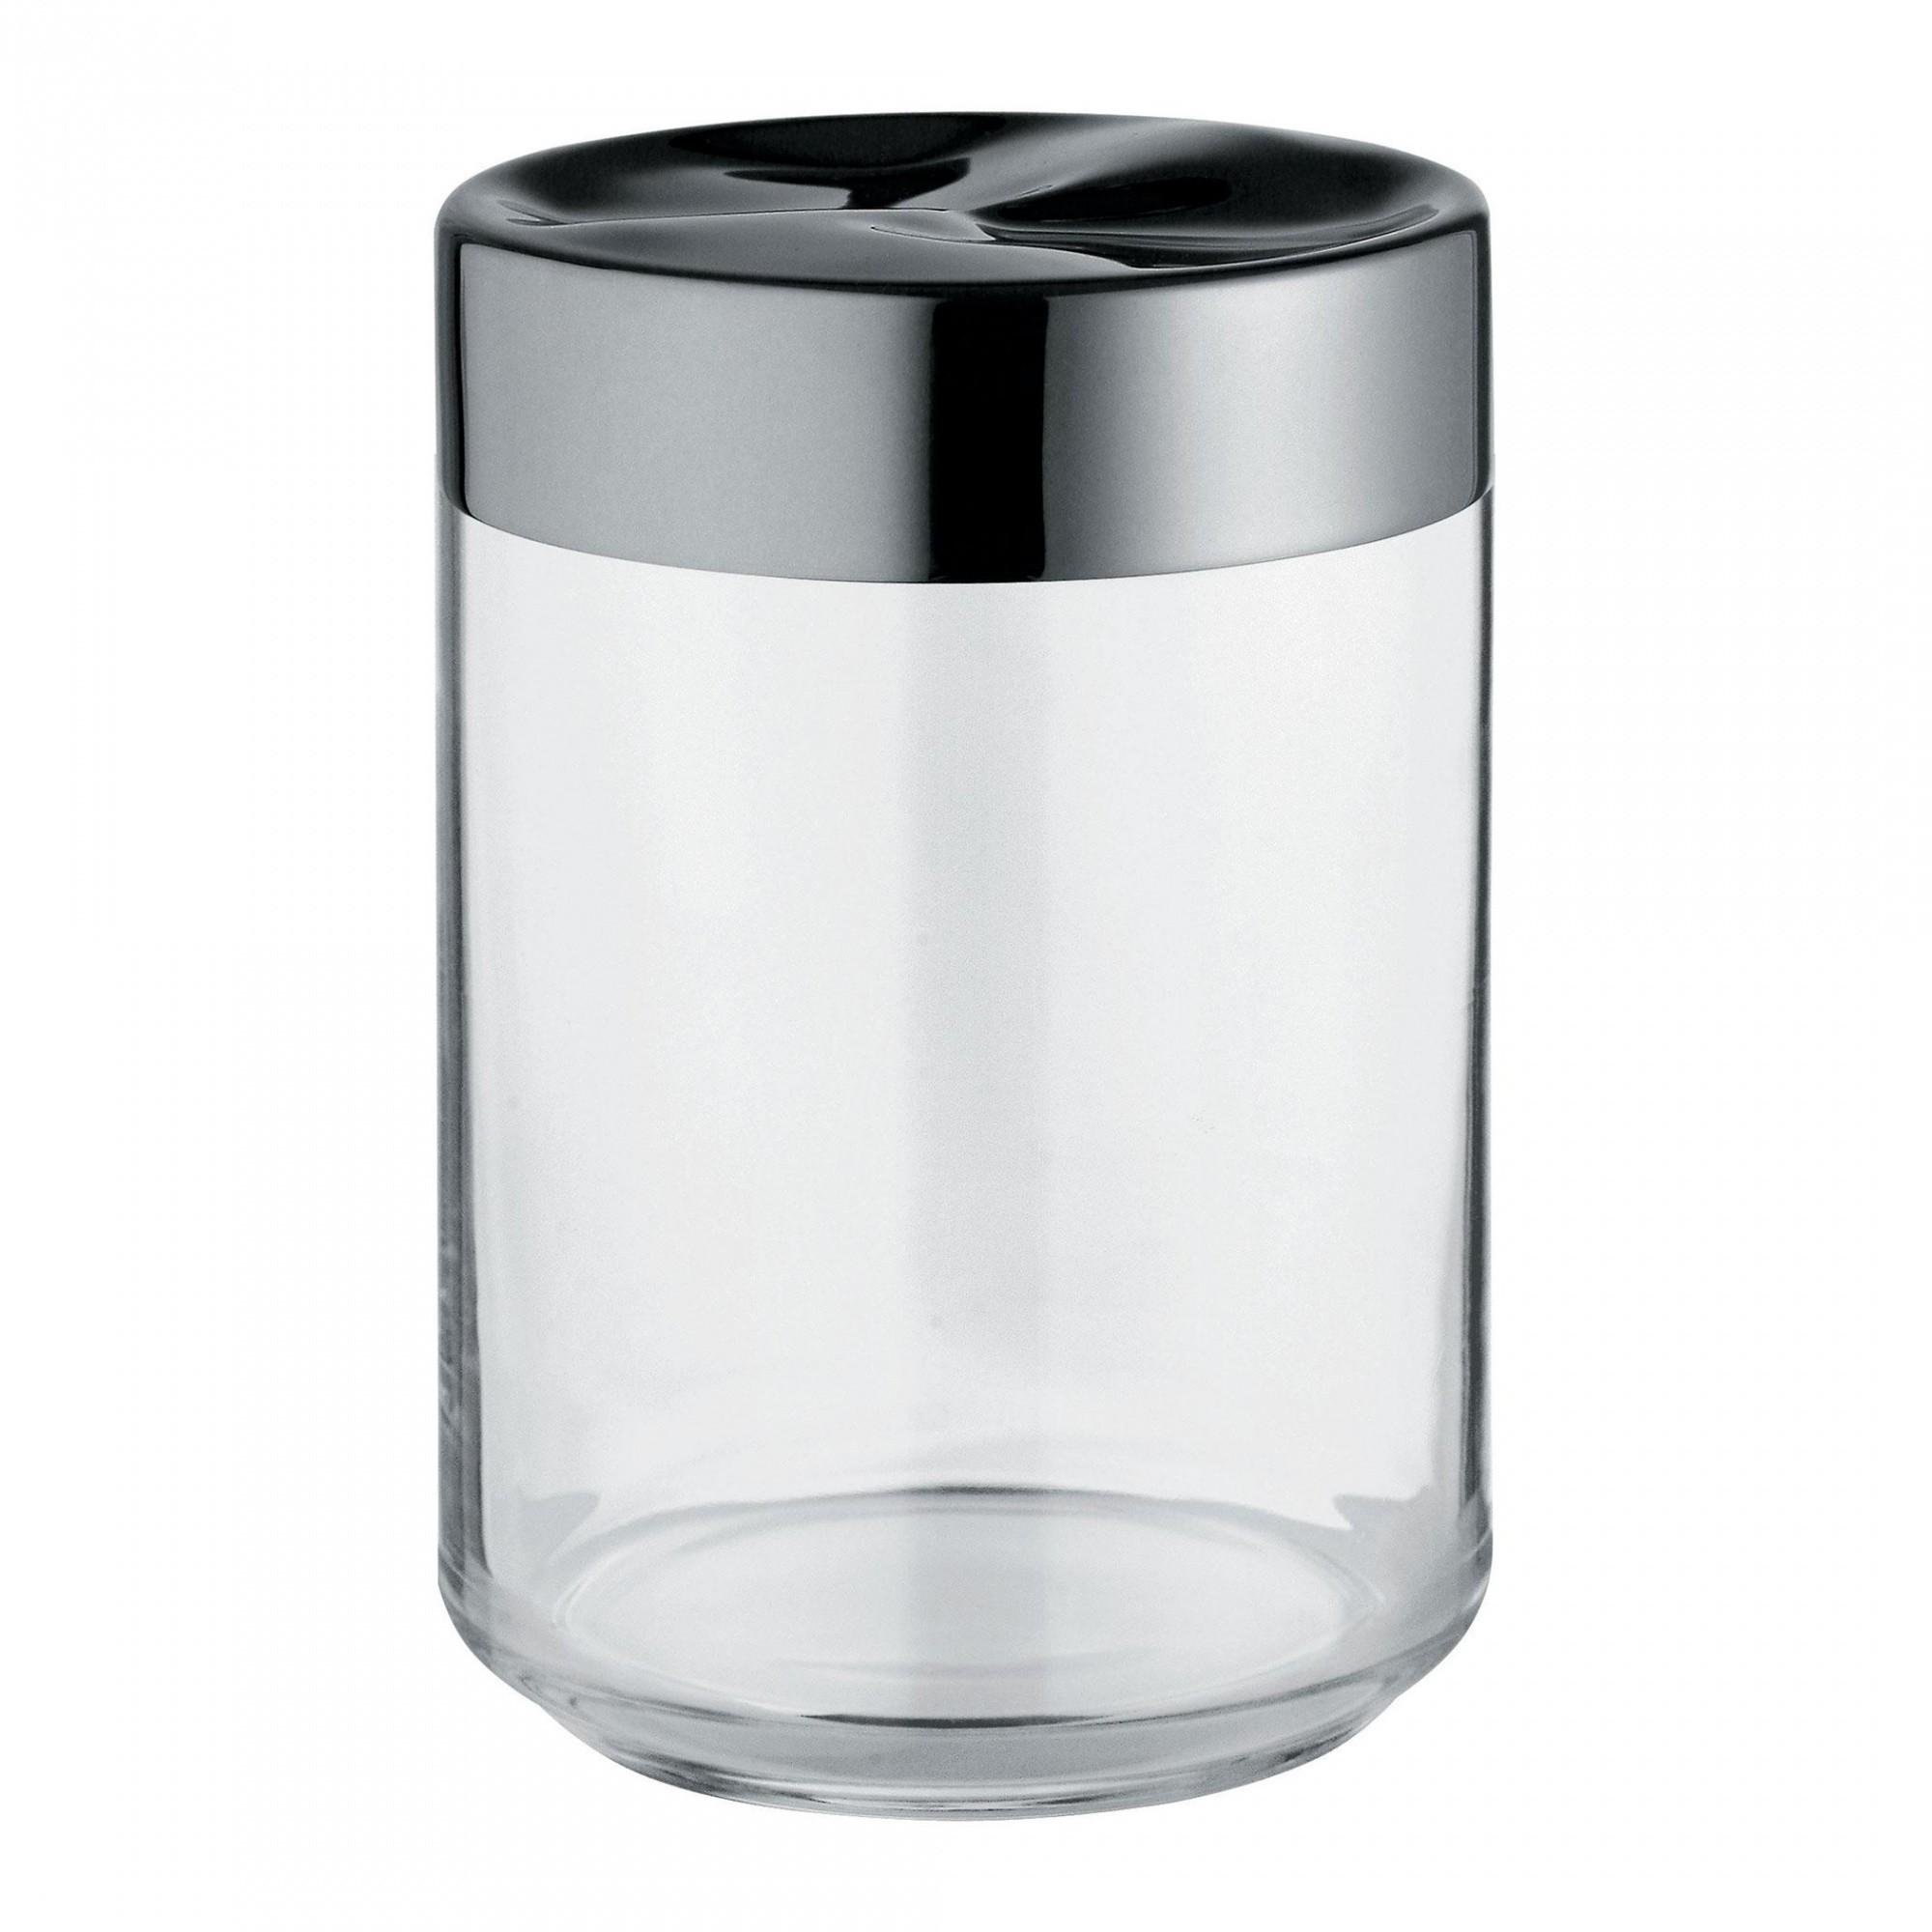 Alessi Julieta Kitchen Storage Jar Ambientedirect